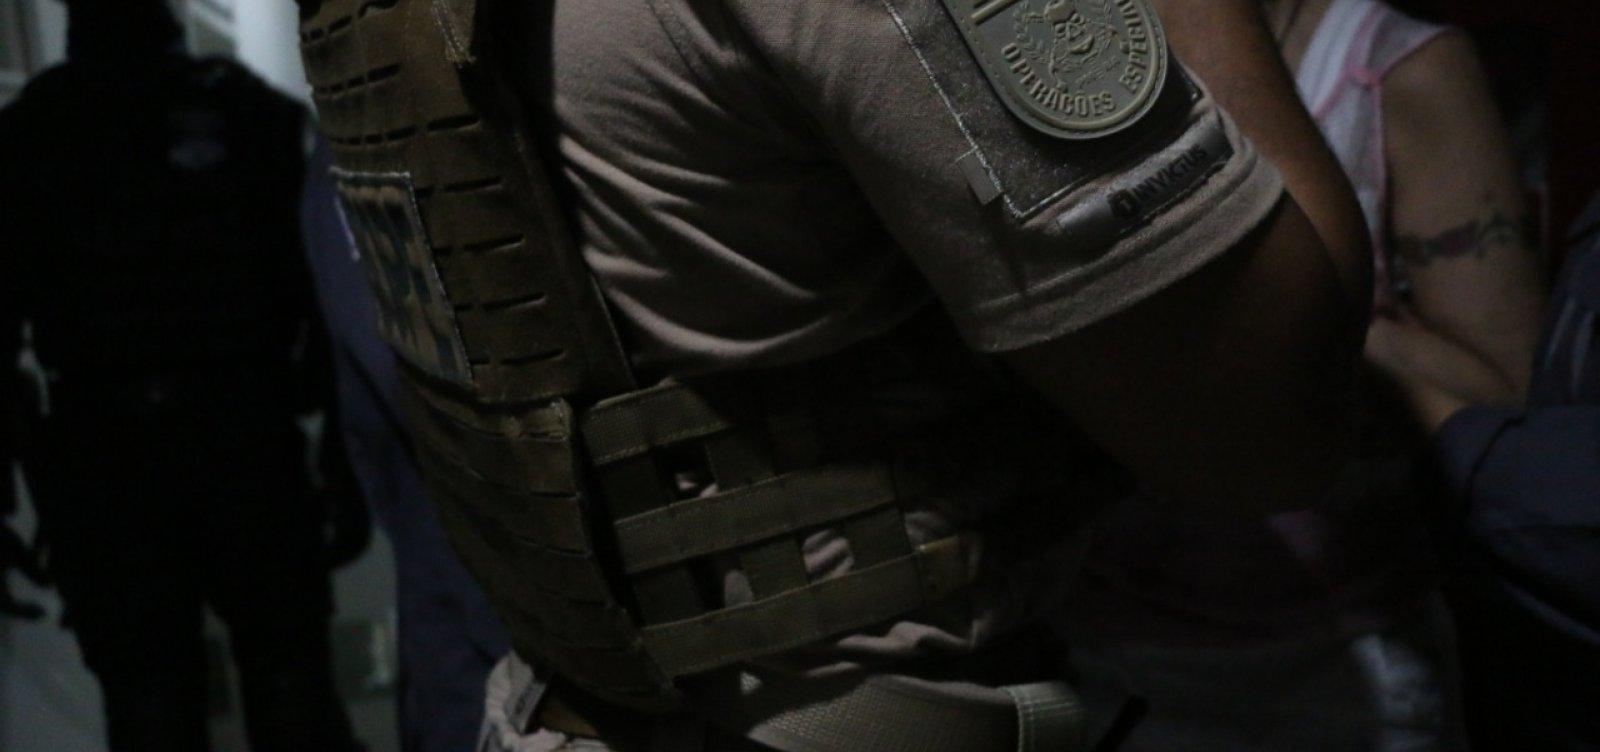 [Policial relata participação de grupo de grevistas em ataque a viatura, diz SSP]